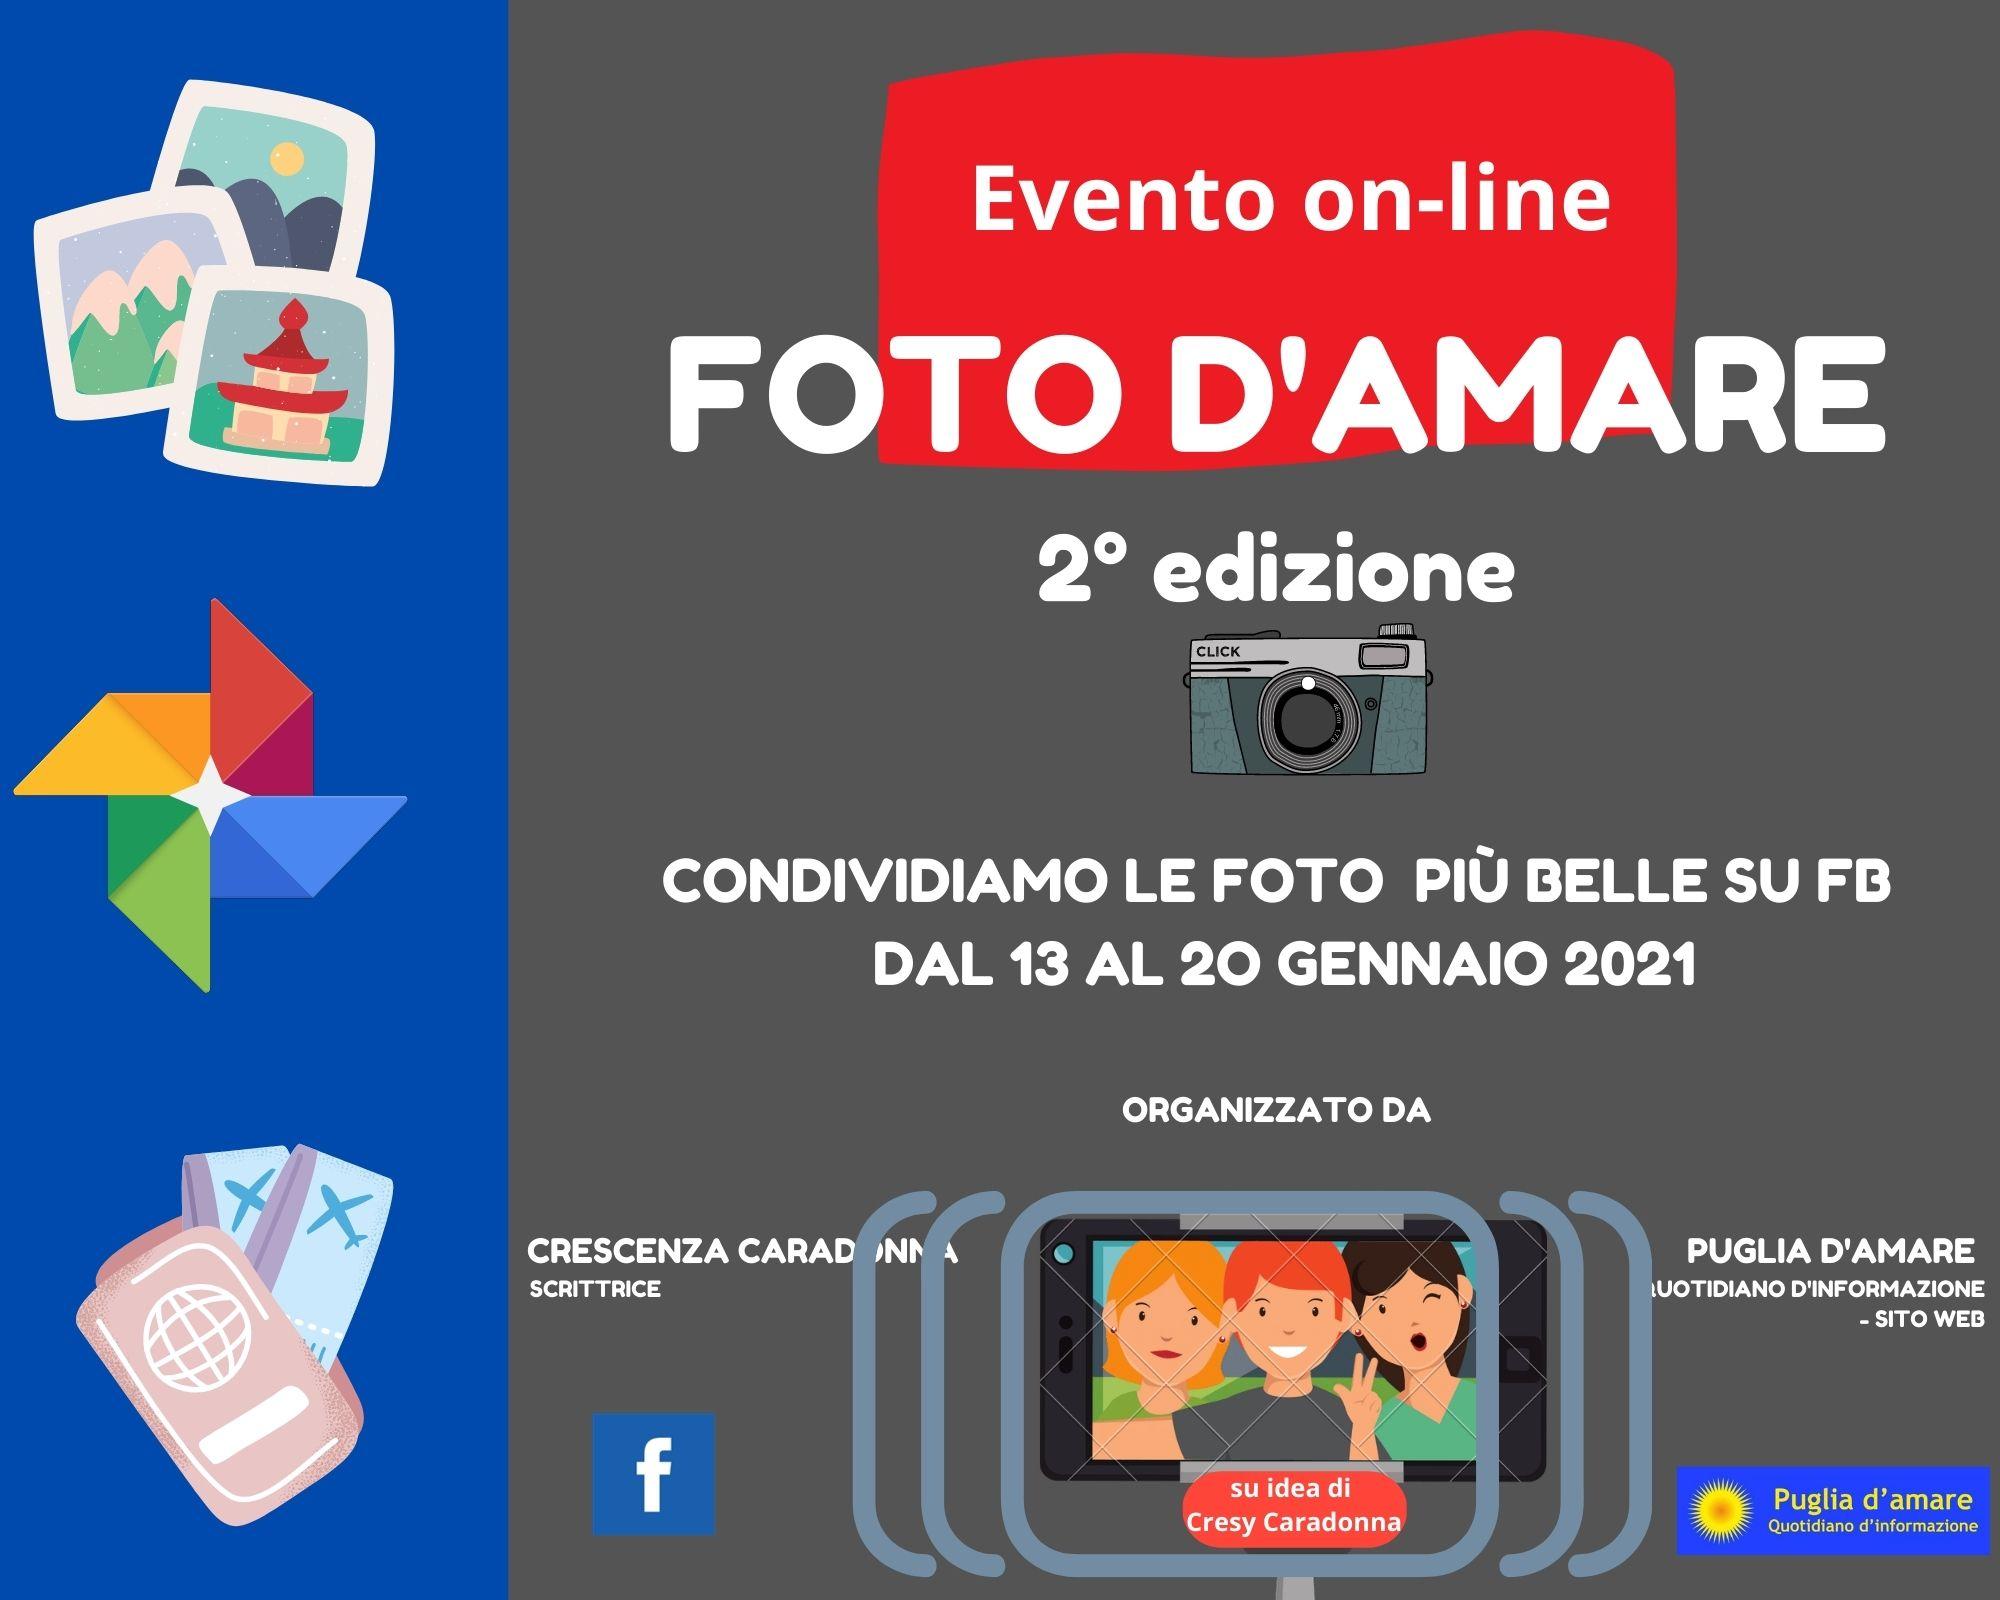 """""""FOTO D'AMARE 2° edizione"""" EVENTO ON-LINE DI FB GRATUITO"""